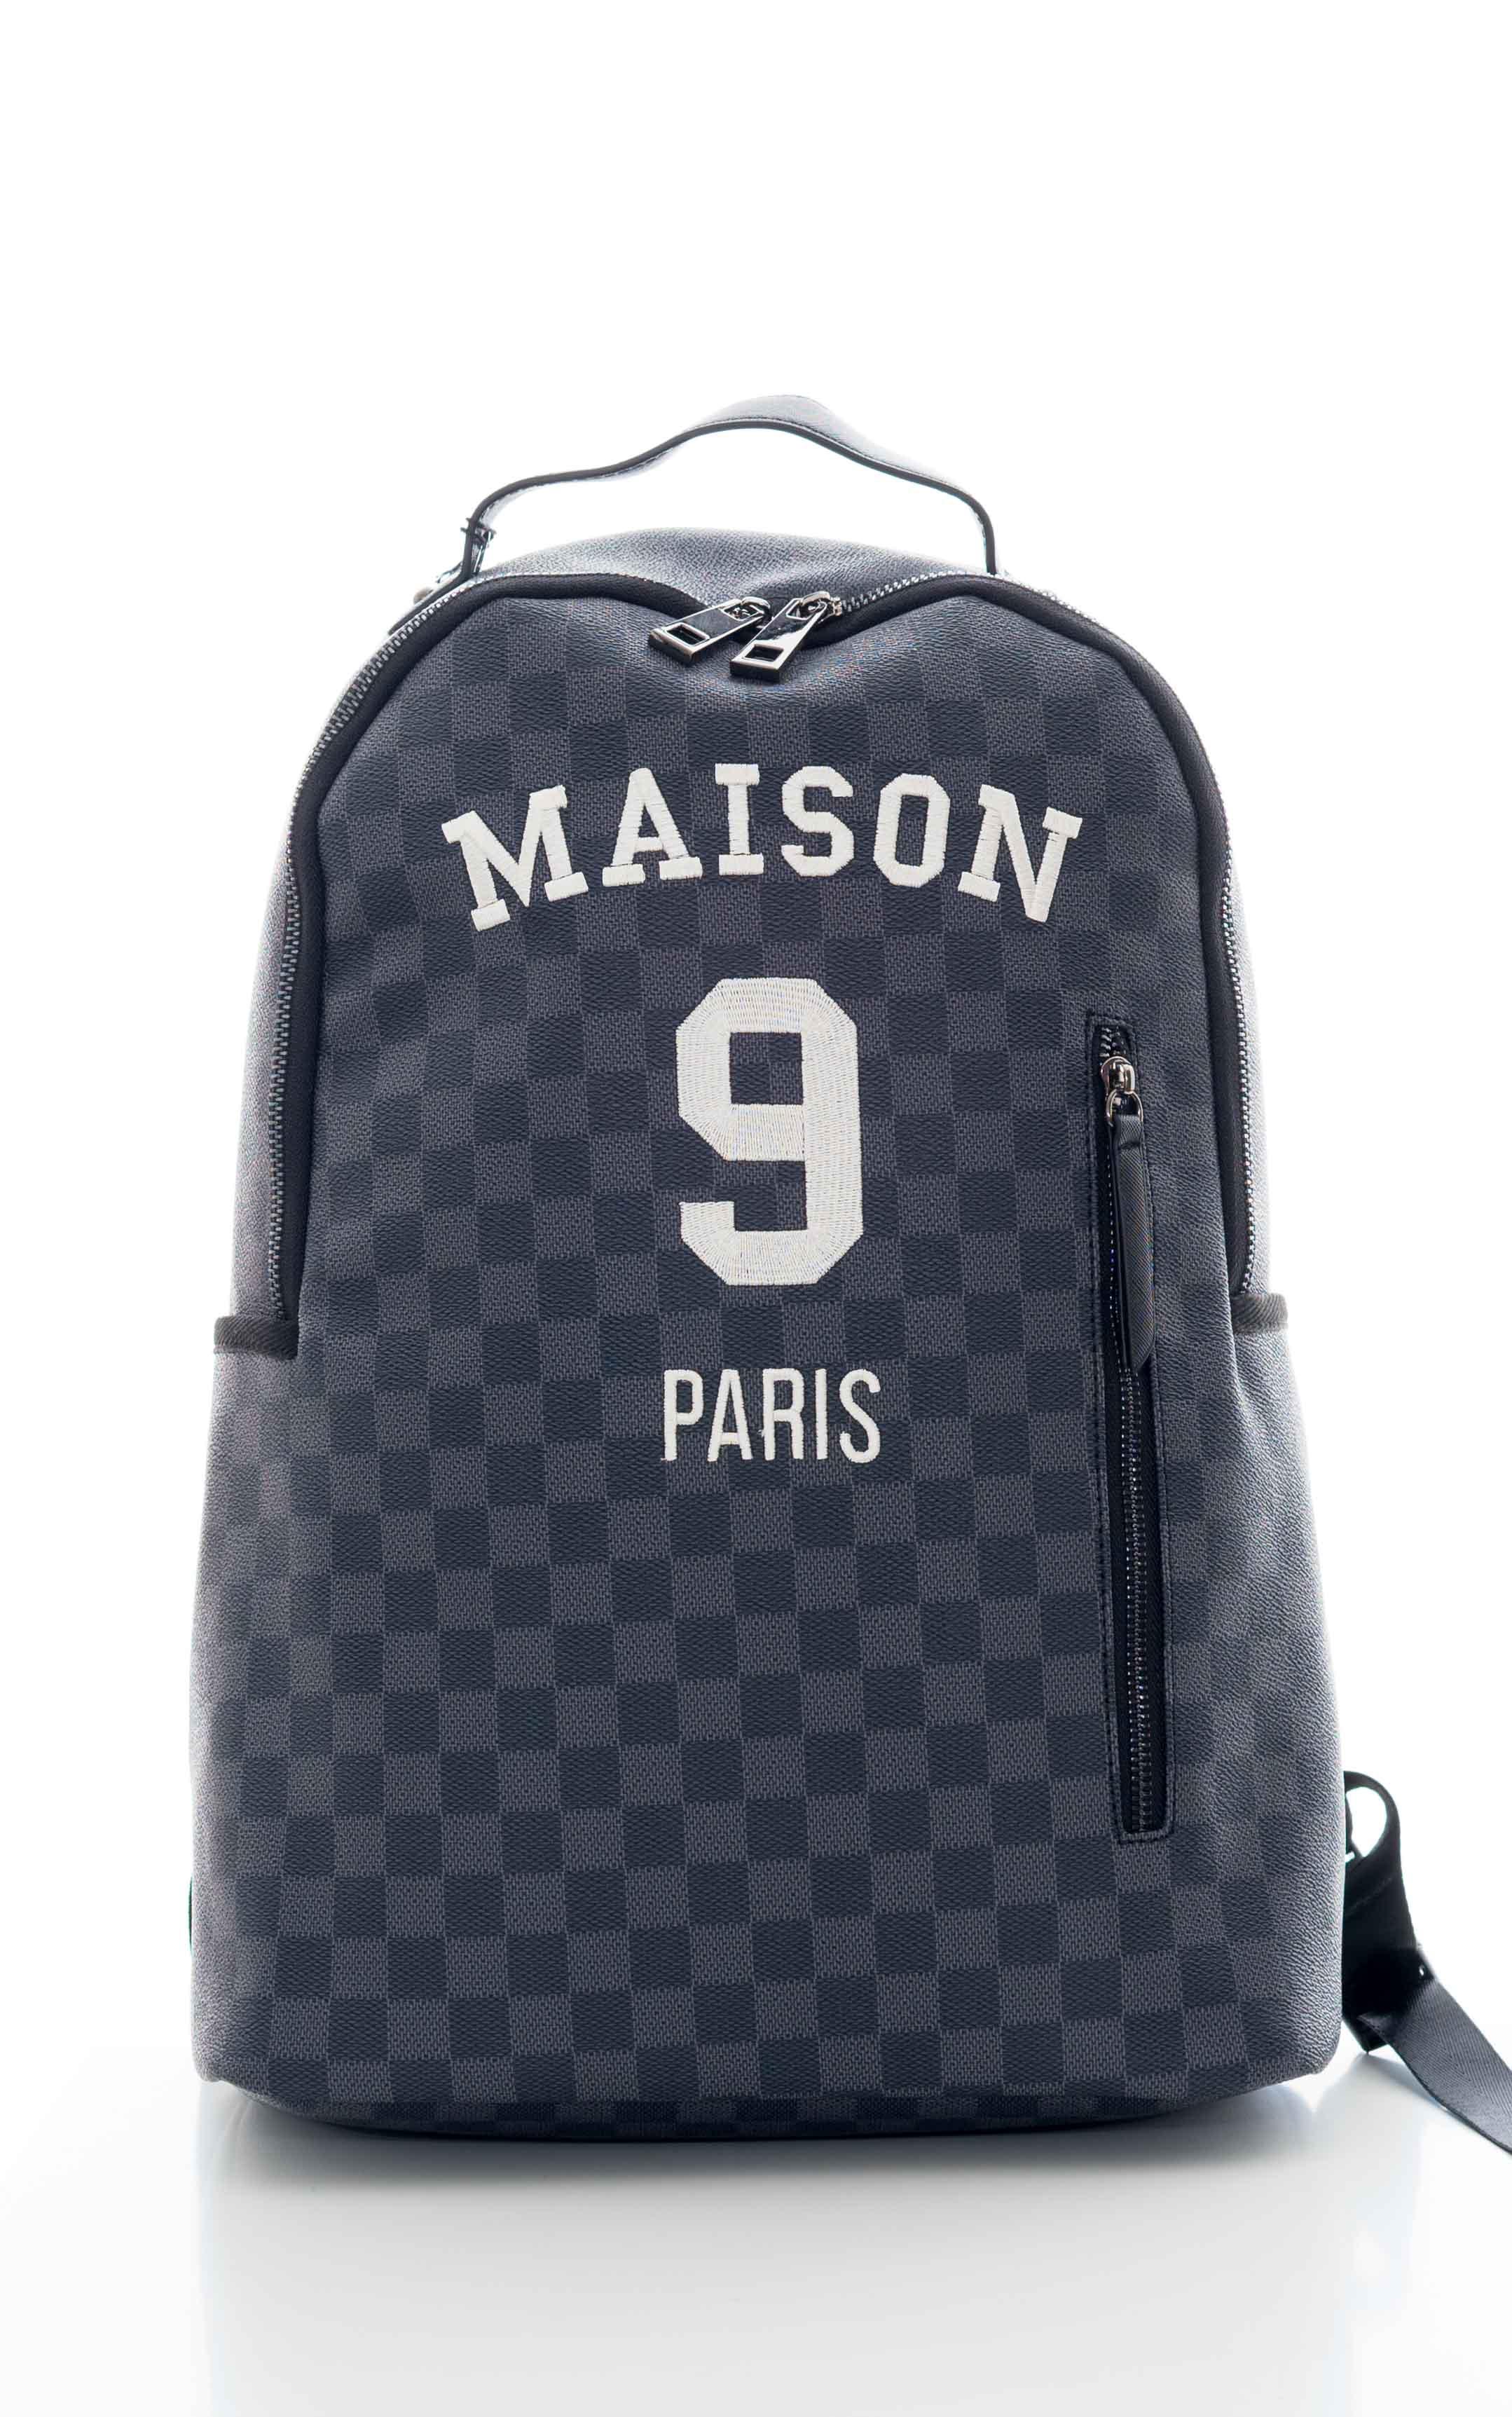 Zaino in ecopelle MAISON 9 PARIS | Zaino | WILSONUNICA